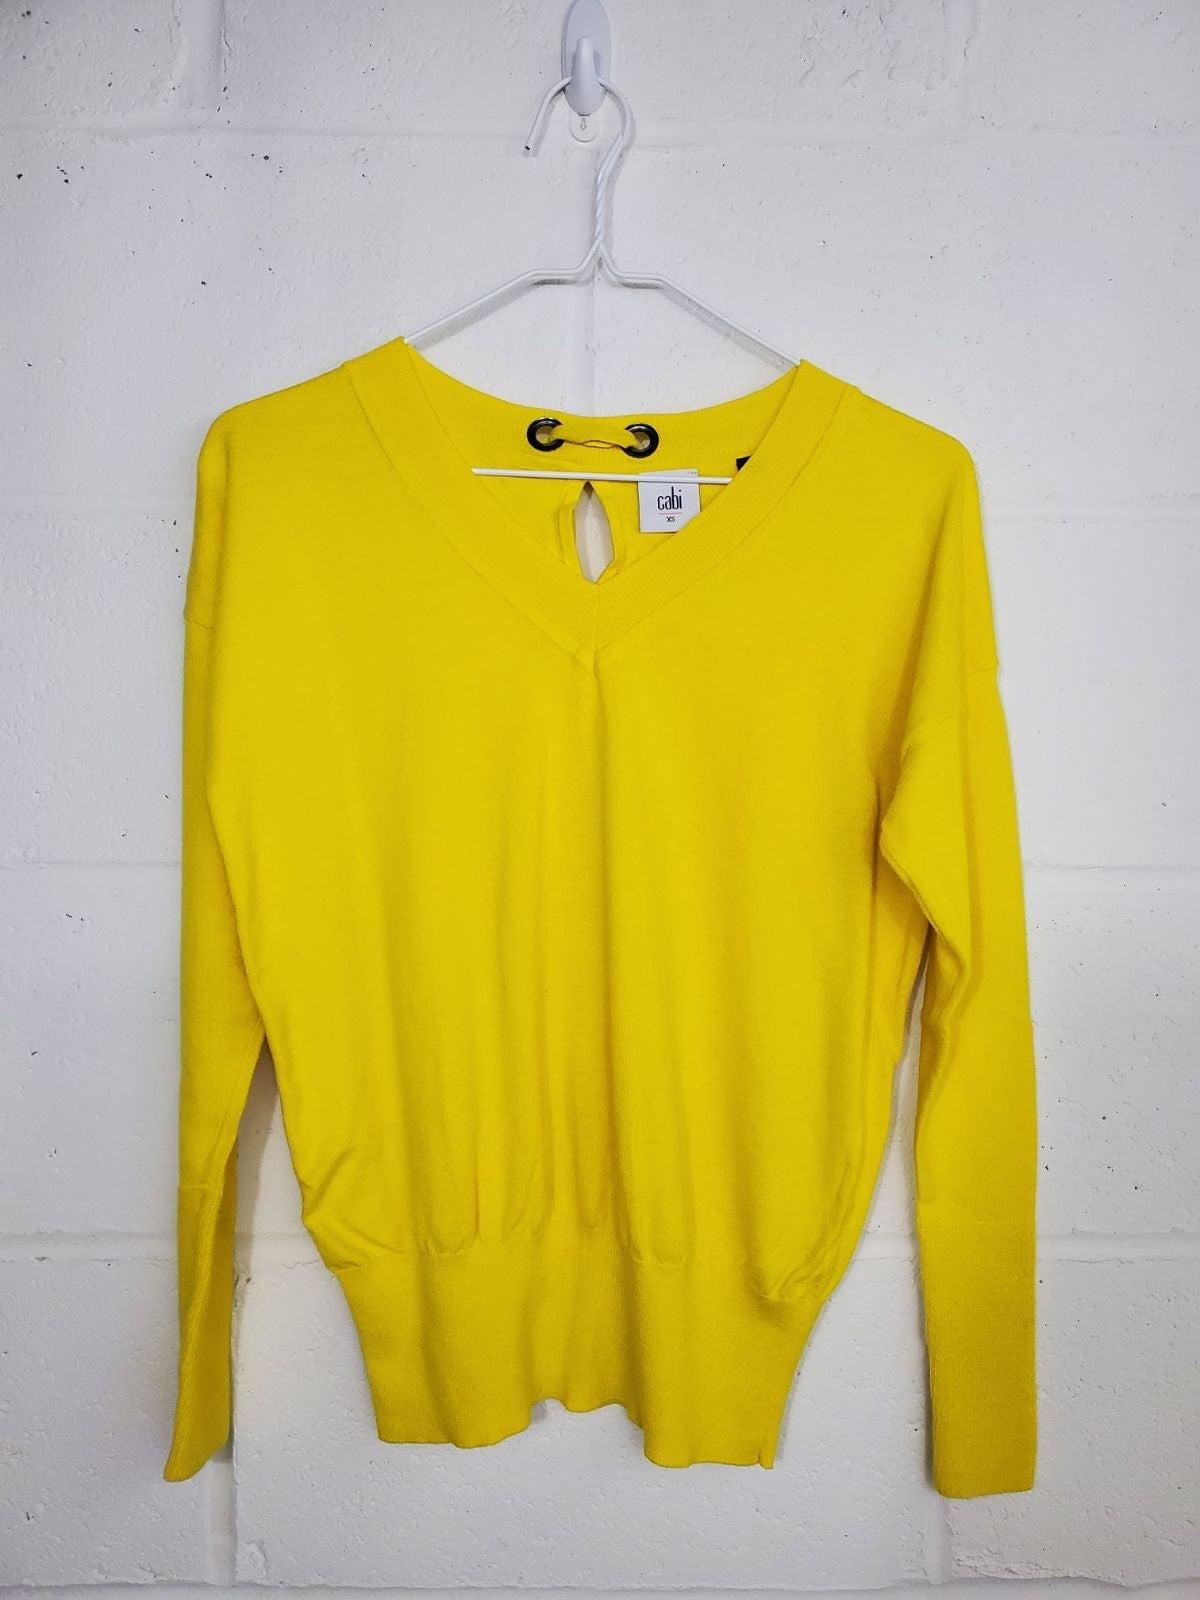 Cabi Canary Yellow Keyhole Sweater - XS